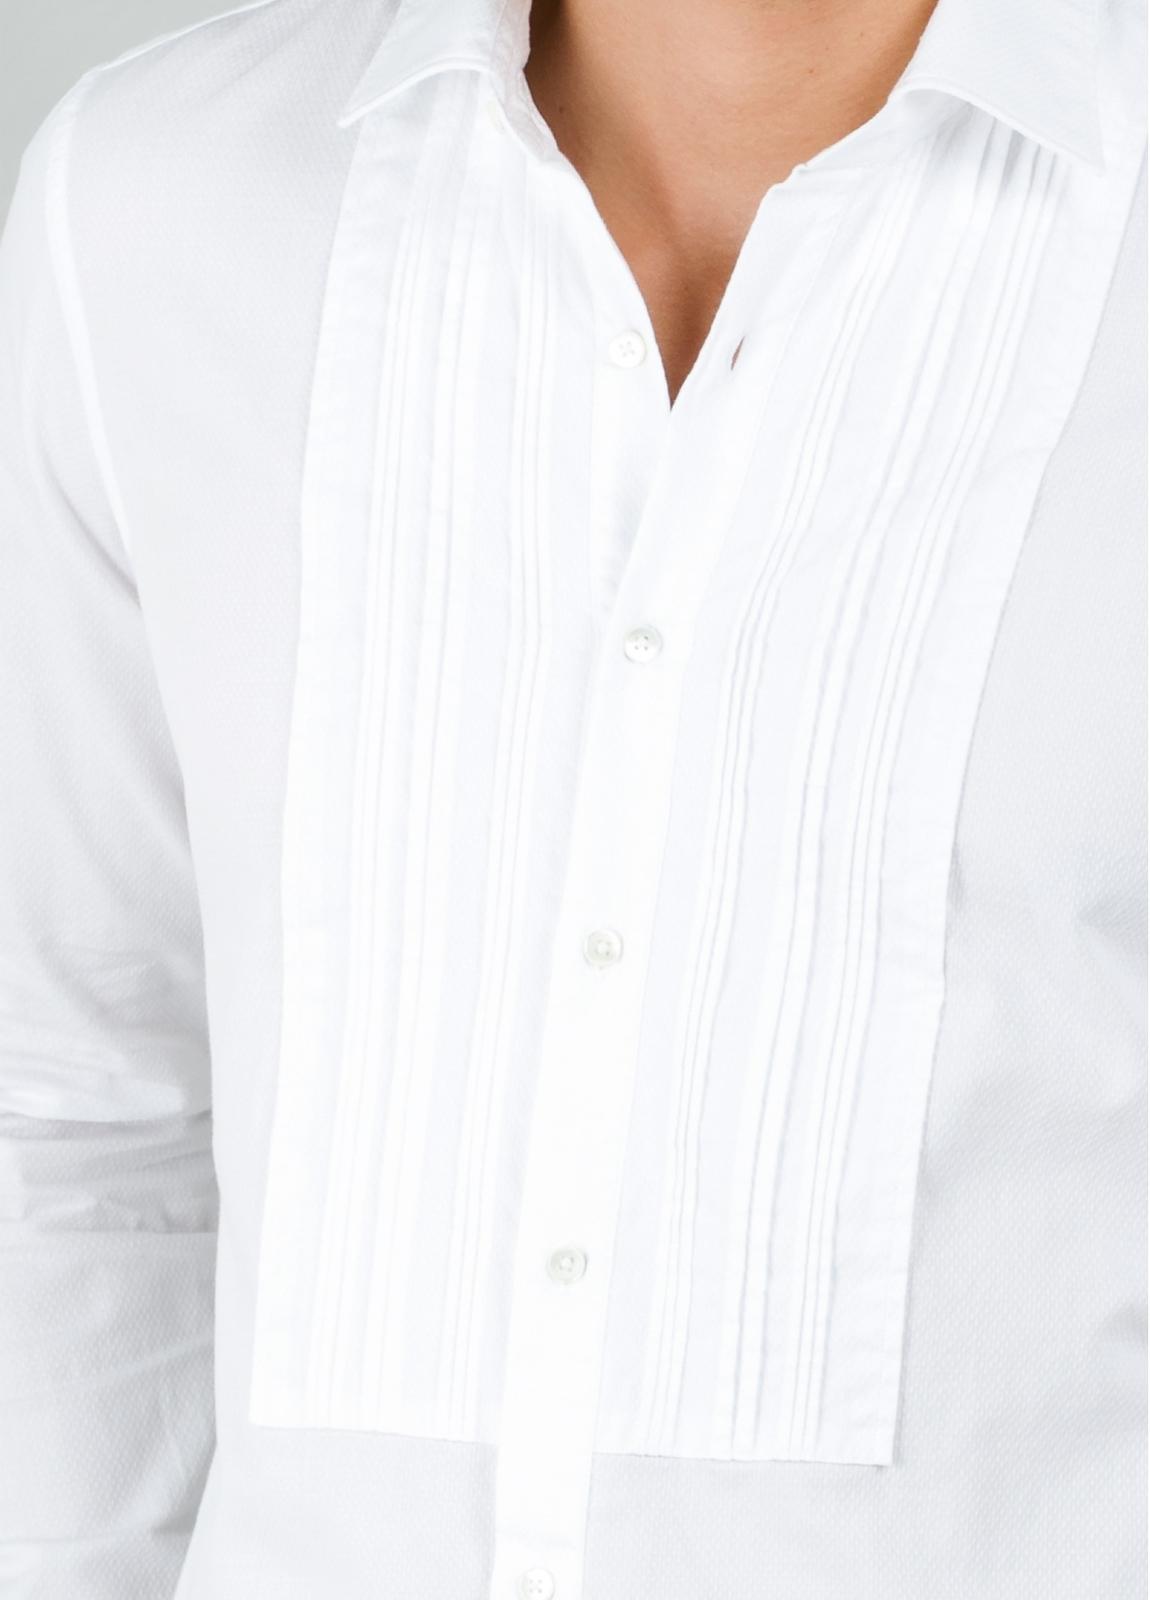 Camisa sport SLIM FIT modelo AIDA con plastrón frontal, color blanco. 100% Algodón. - Ítem3